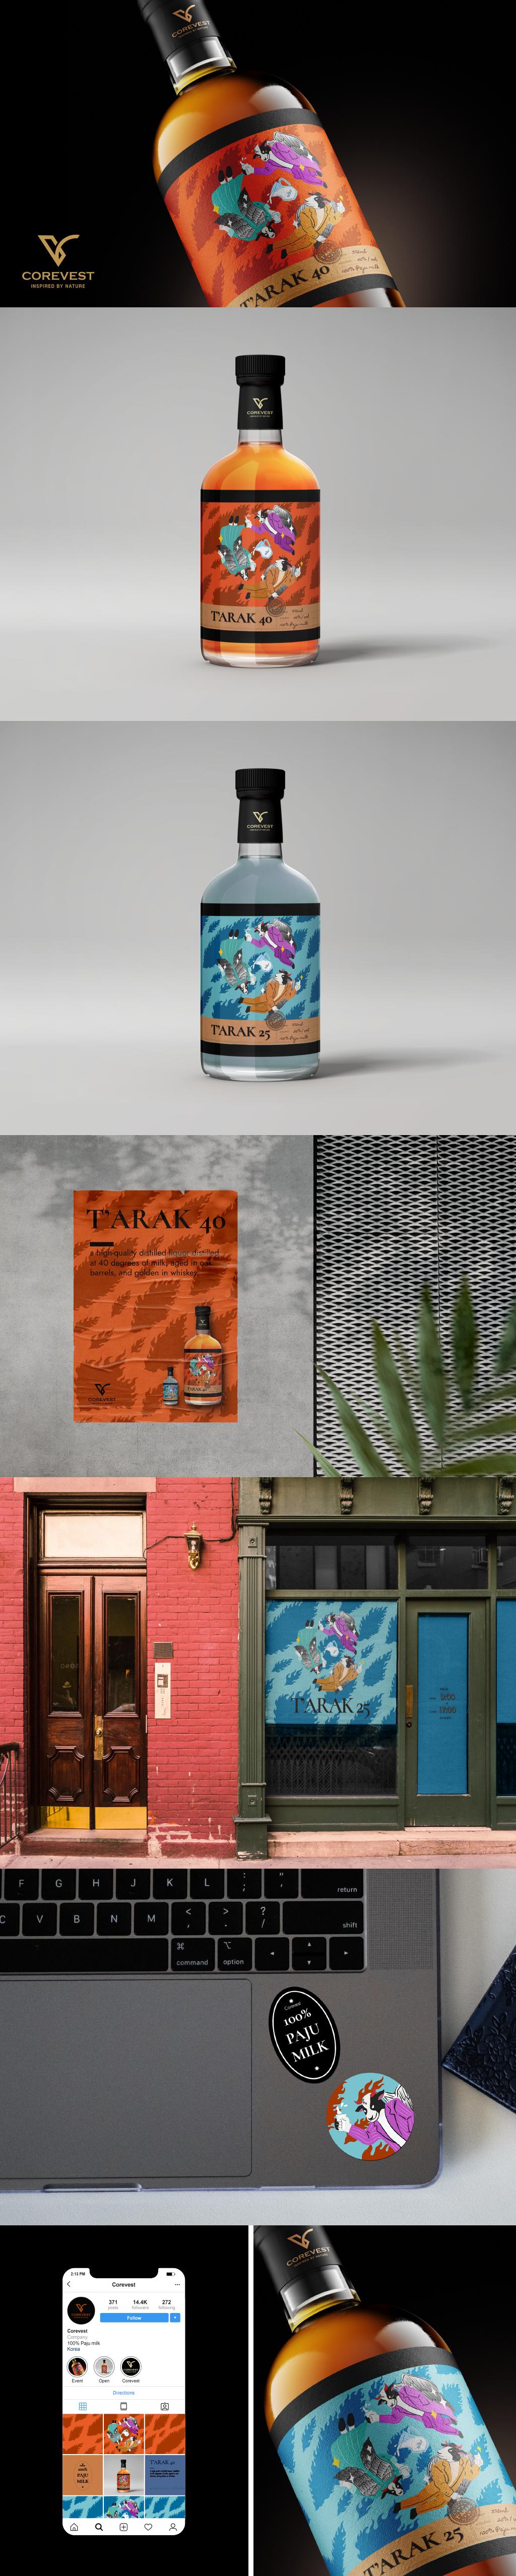 라벨 디자인 | 우유증류주 라벨 디자인 의뢰 | 라우드소싱 포트폴리오